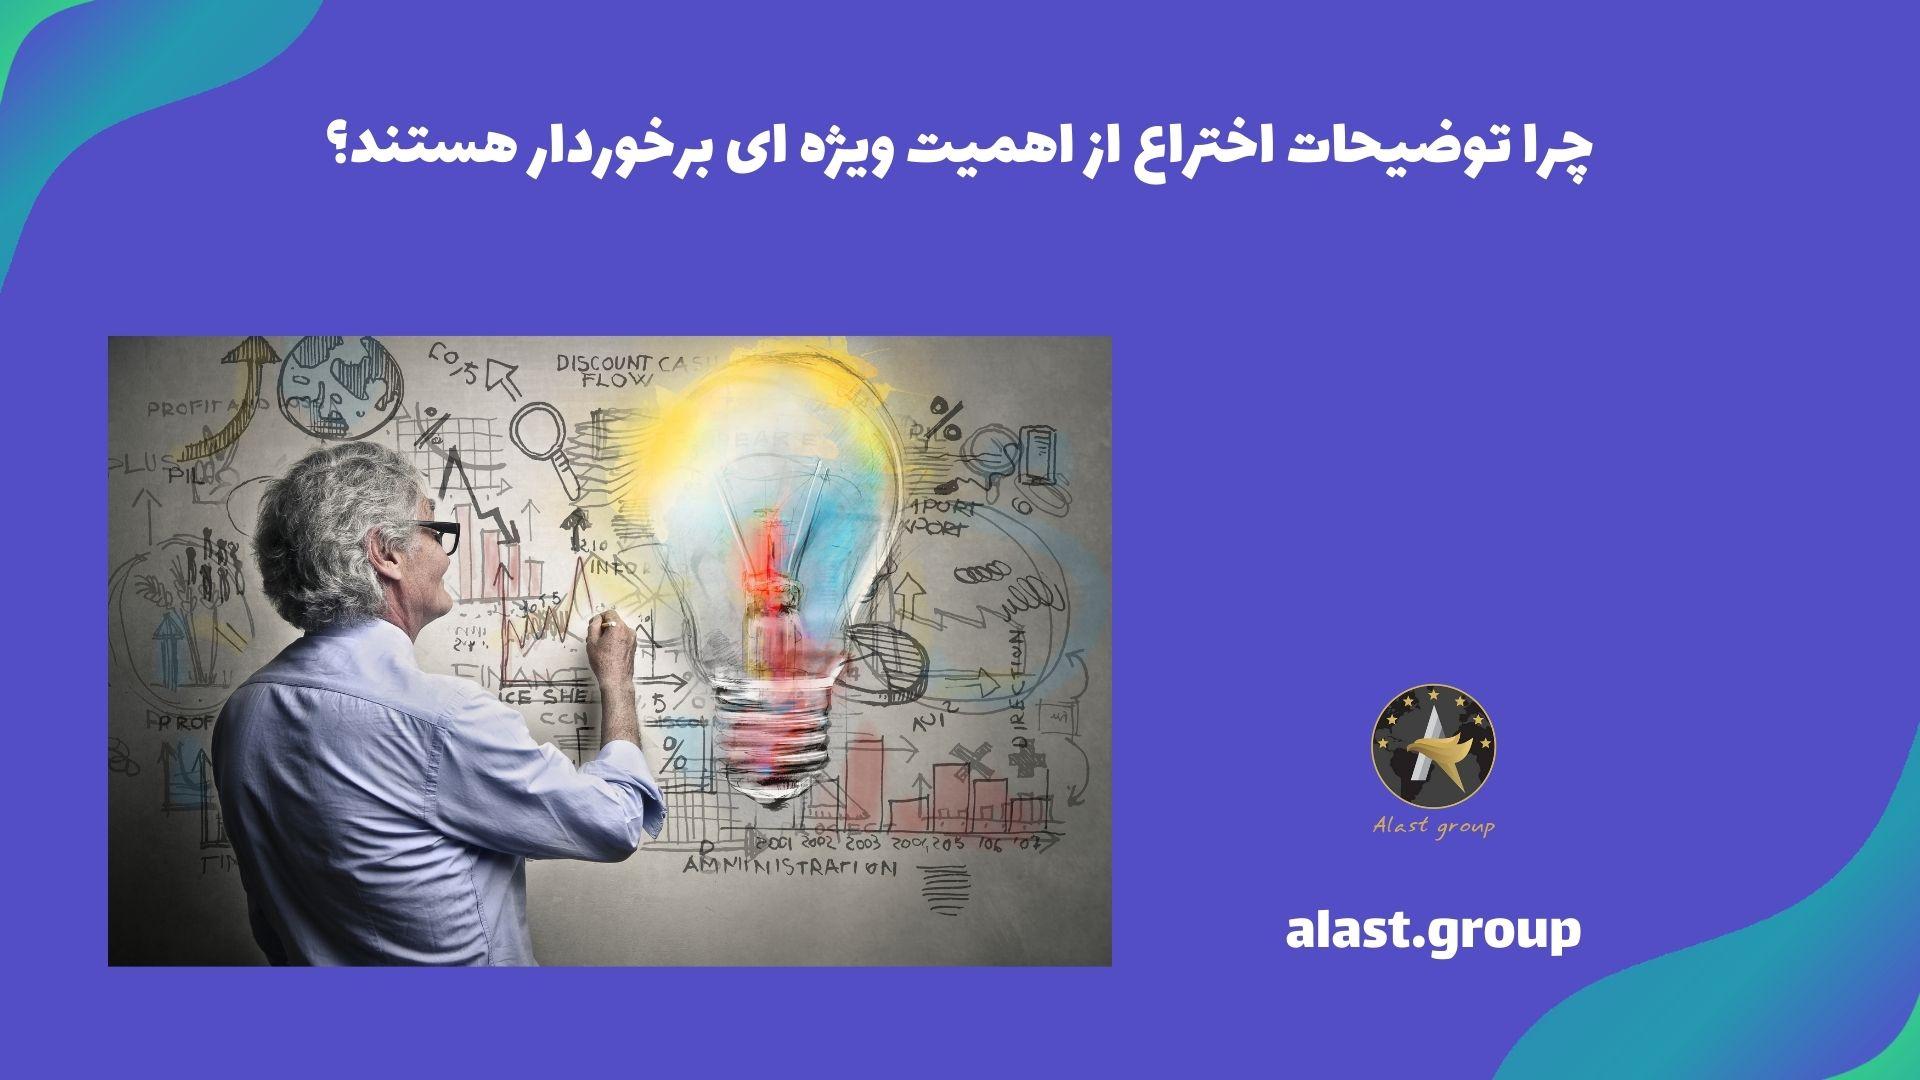 چرا توضیحات اختراع از اهمیت ویژه ای برخوردار هستند؟